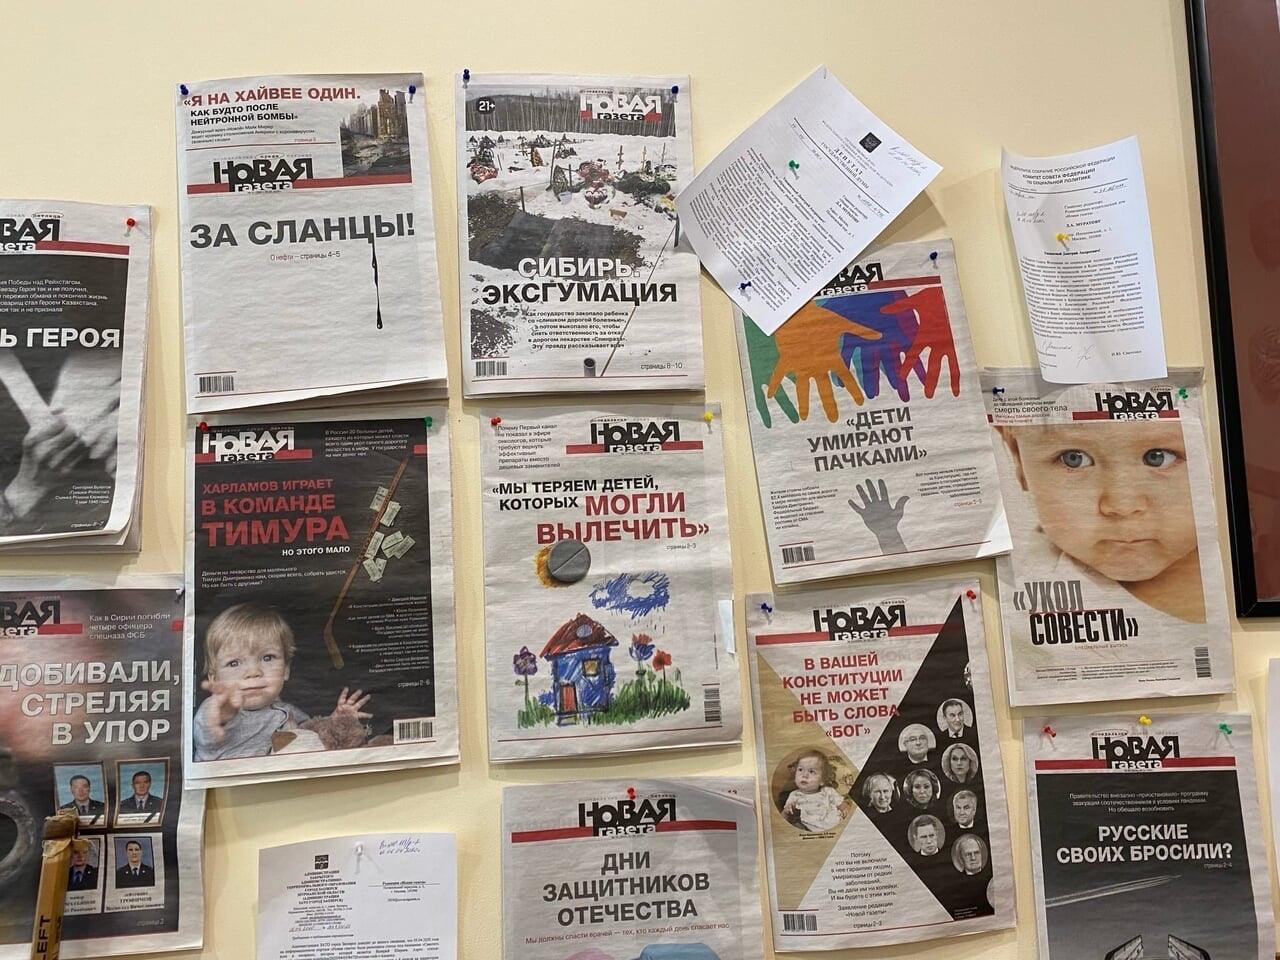 Александр Харламов подарил клюшку отца для аукциона, деньги пойдут на помощь детям, изображение №2